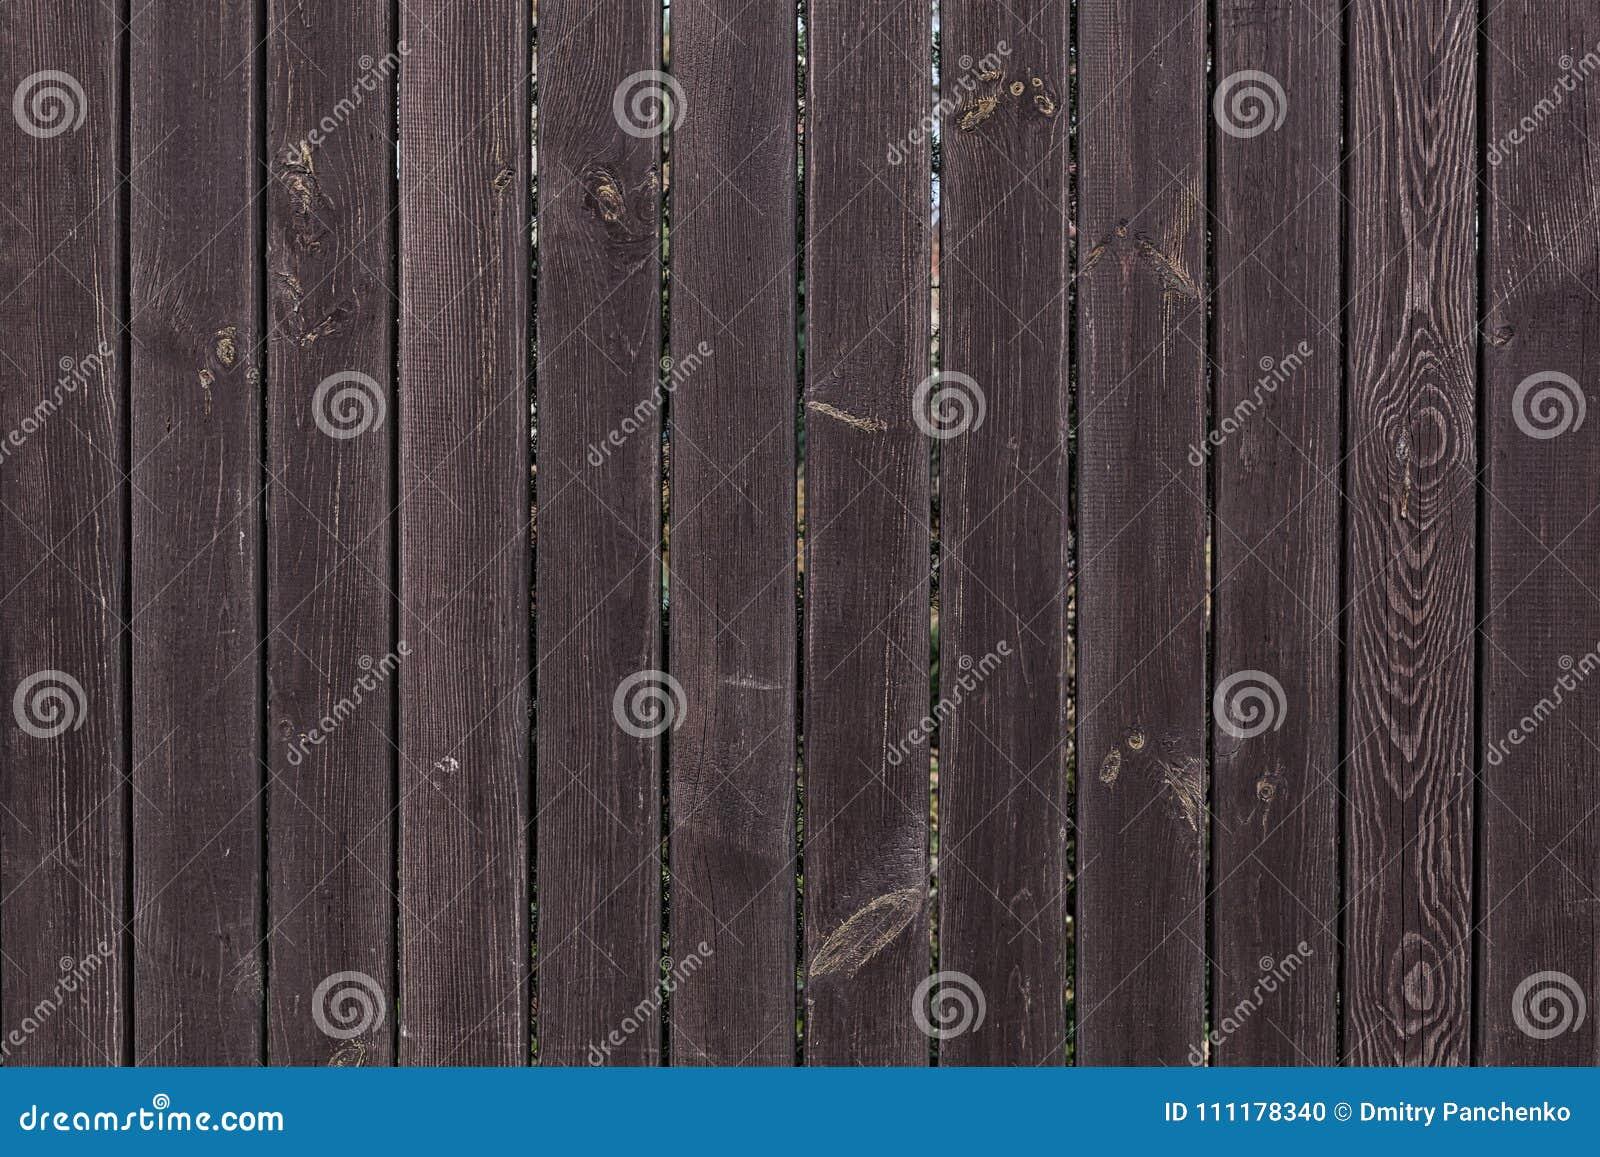 Dark Brown Wooden Planks Close Up.